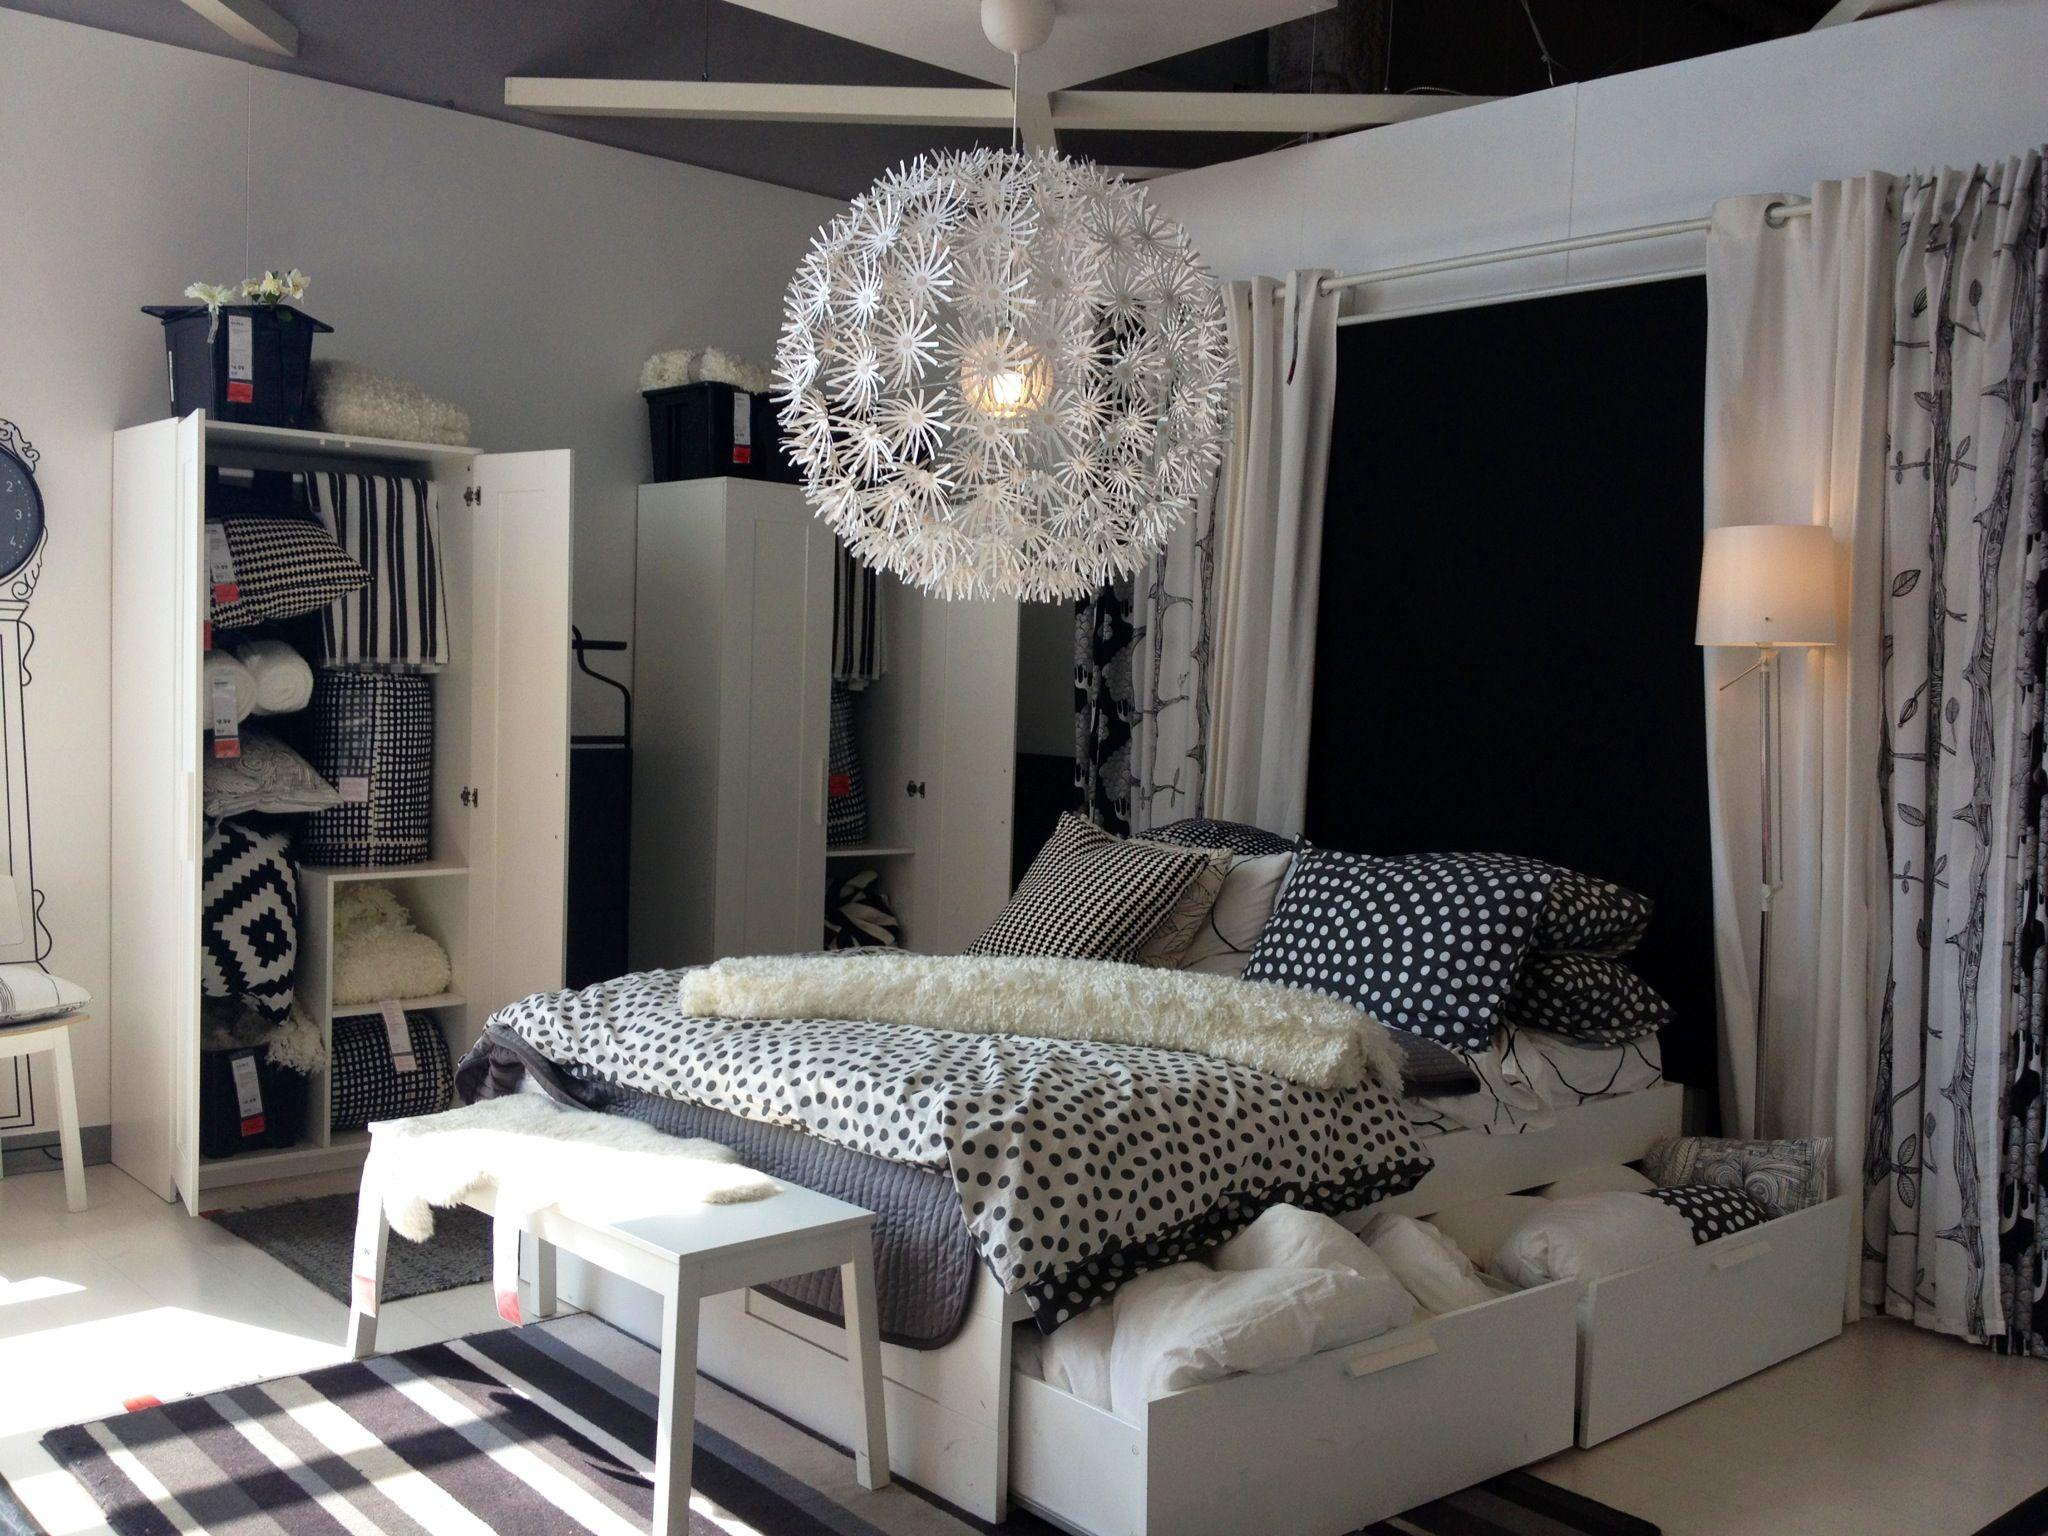 Ikea bedrooms 2013 #ikea #bedrooms